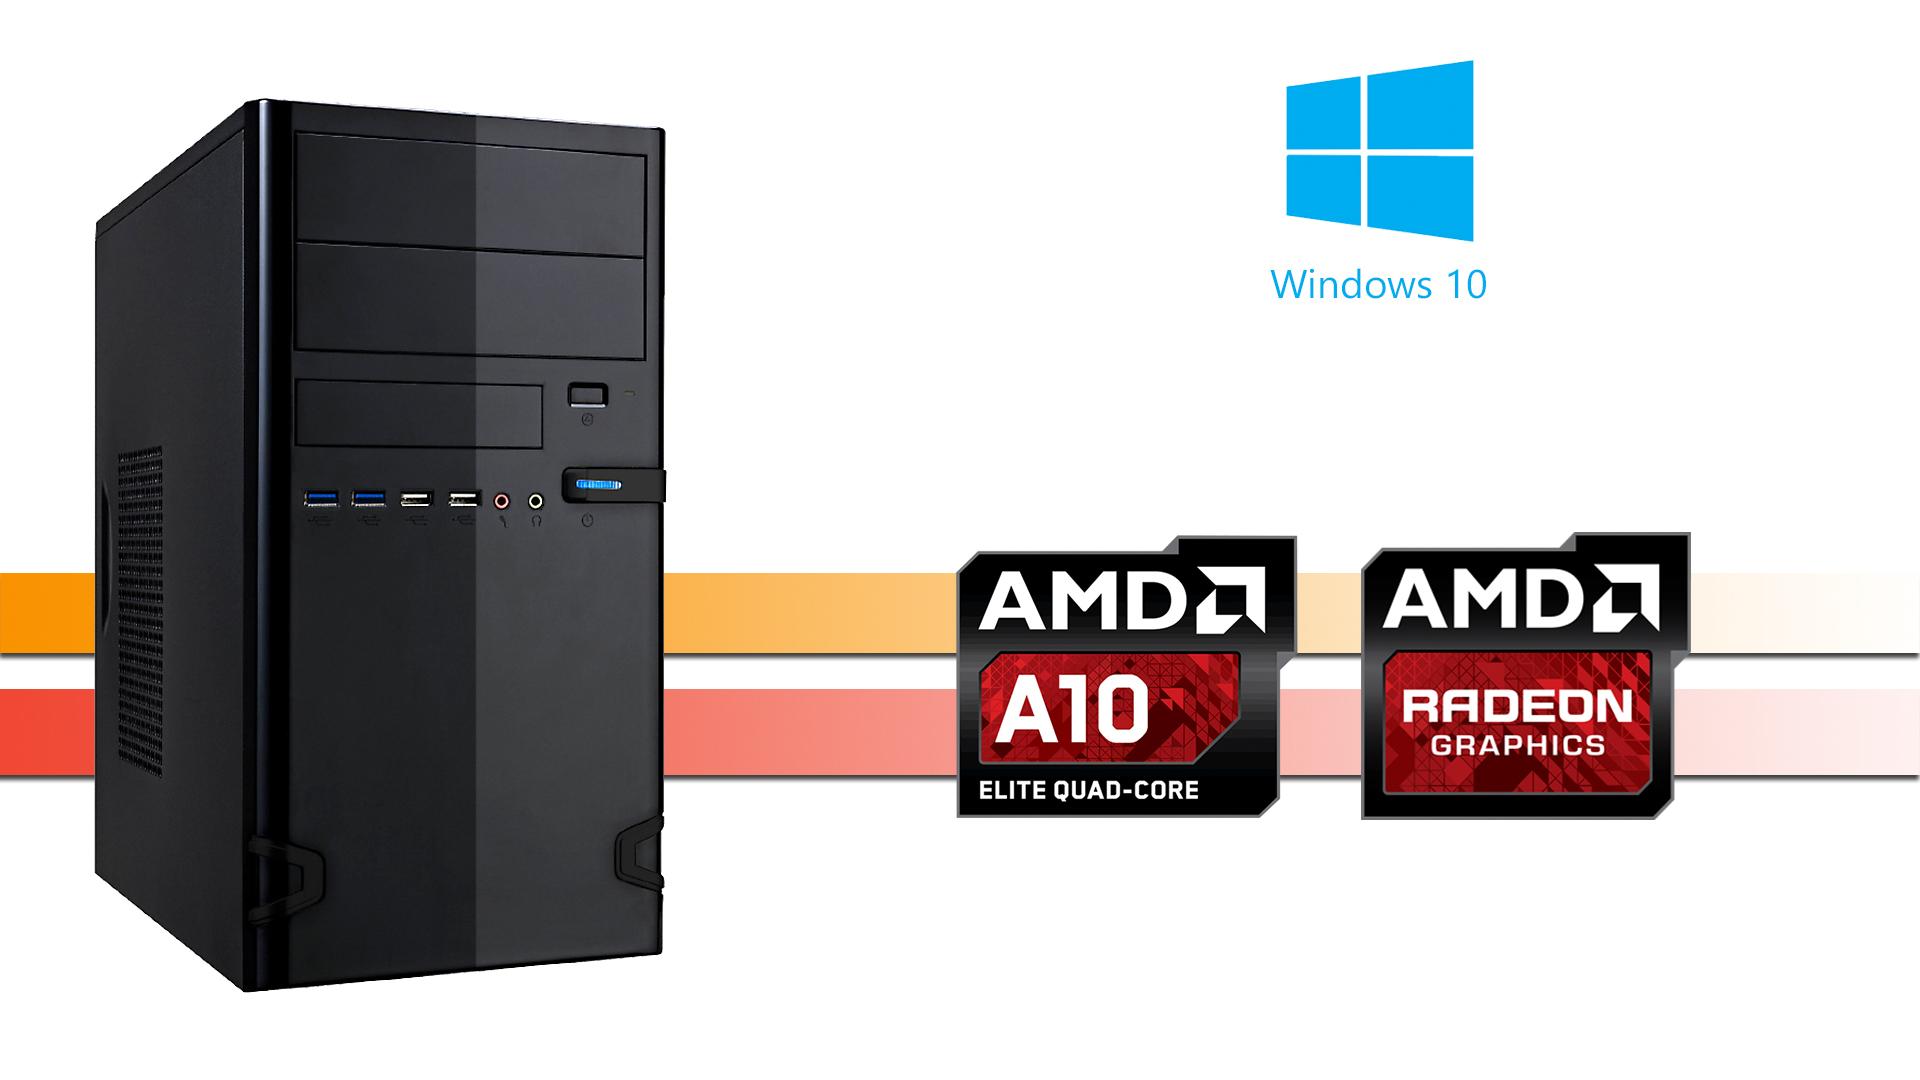 X-Working 9700: 8GB, 256 M.2 SSD, W10PRO WIFI